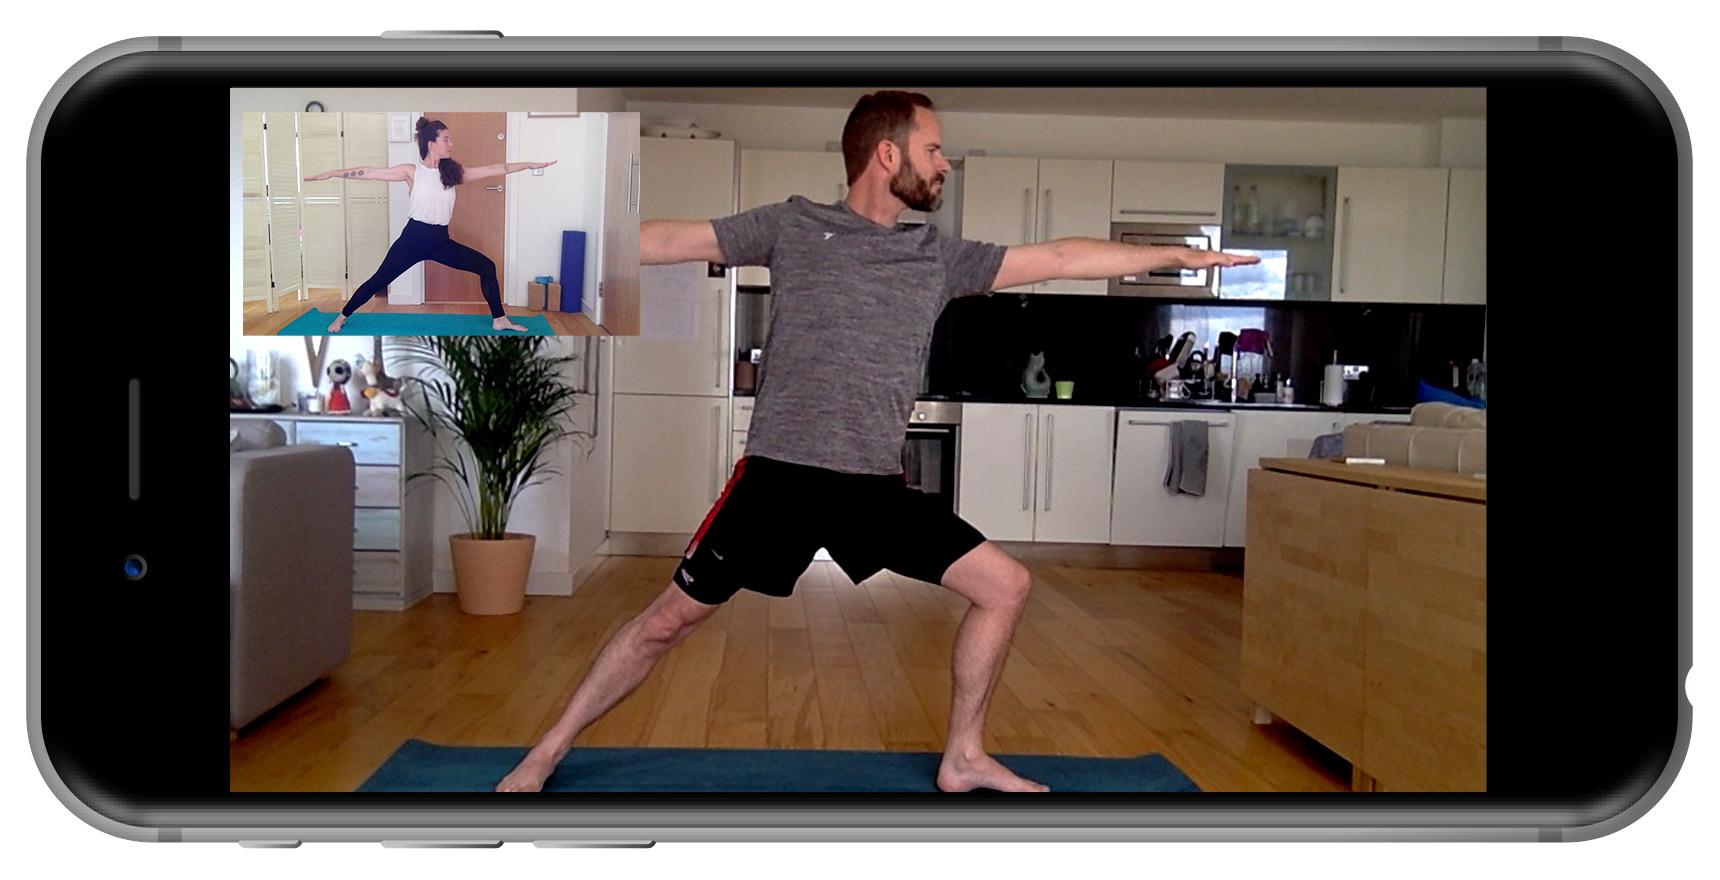 Virtual Yoga Session